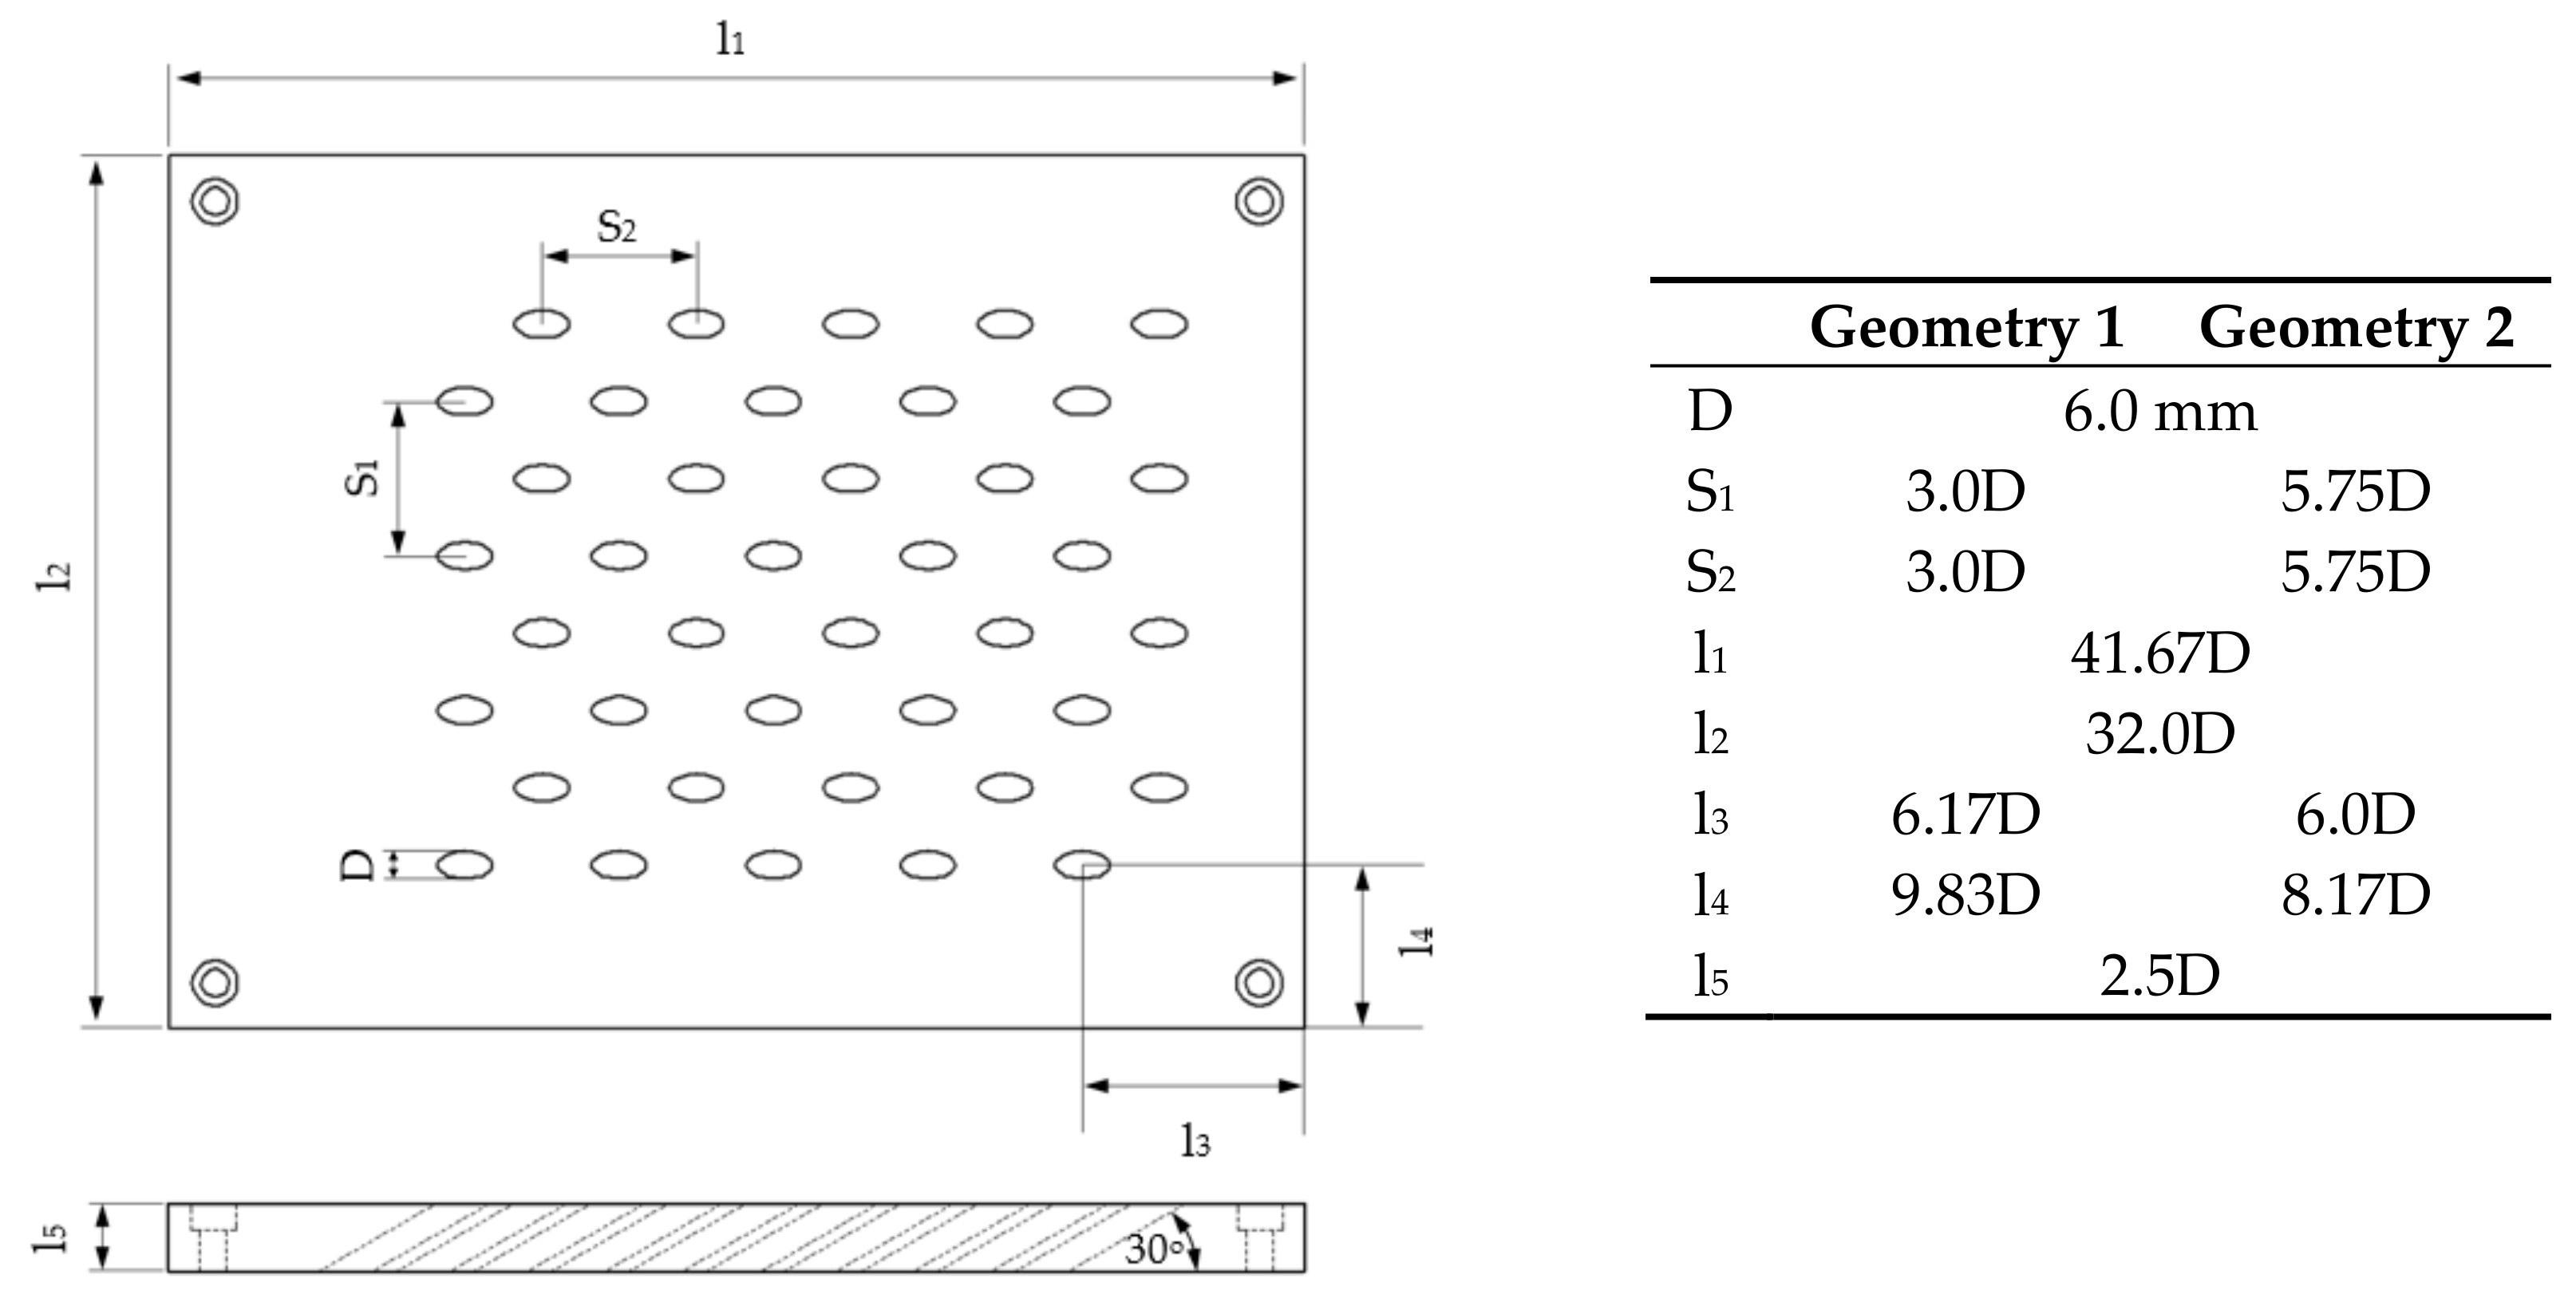 Roblox Avatar Wallpaper Maker Roblox Wallpaper Maker Birthday 3228x1647 Download Hd Wallpaper Wallpapertip